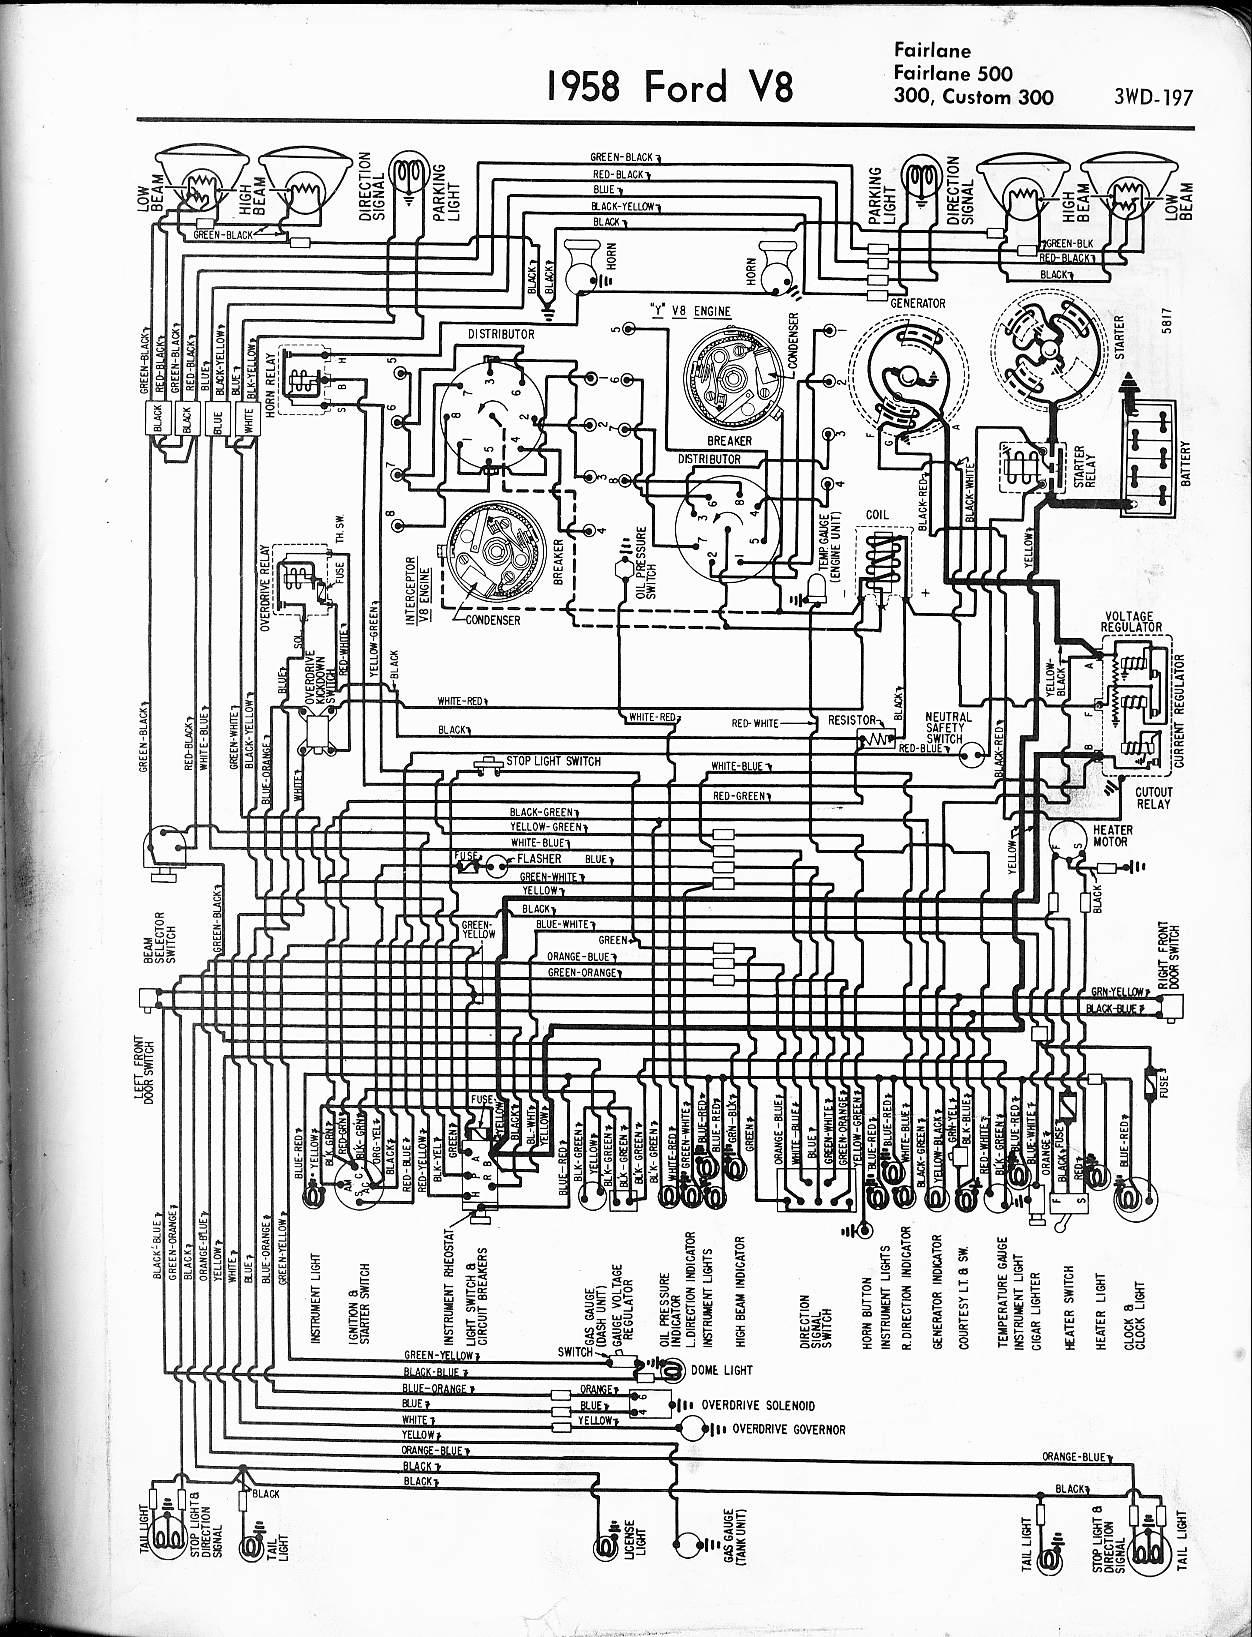 fuse box on a 1964 ford galaxie 500 xl wiring diagram 1964 Ford Galaxie Radio Wiring Diagram 1964 Ford Galaxie Ignition Wiring